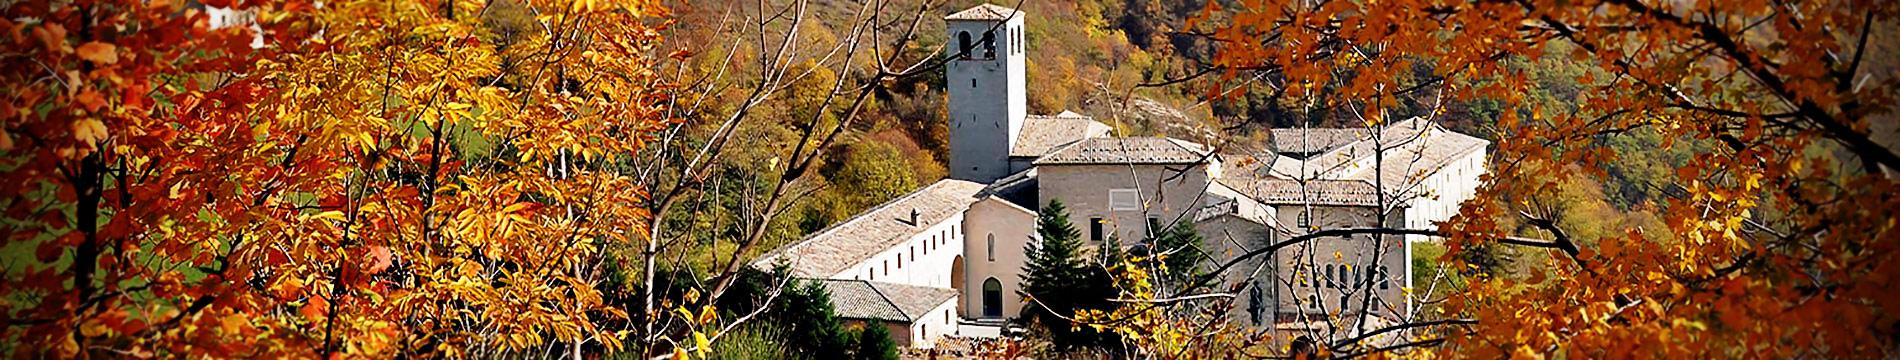 il-monastero-fonte-avellana